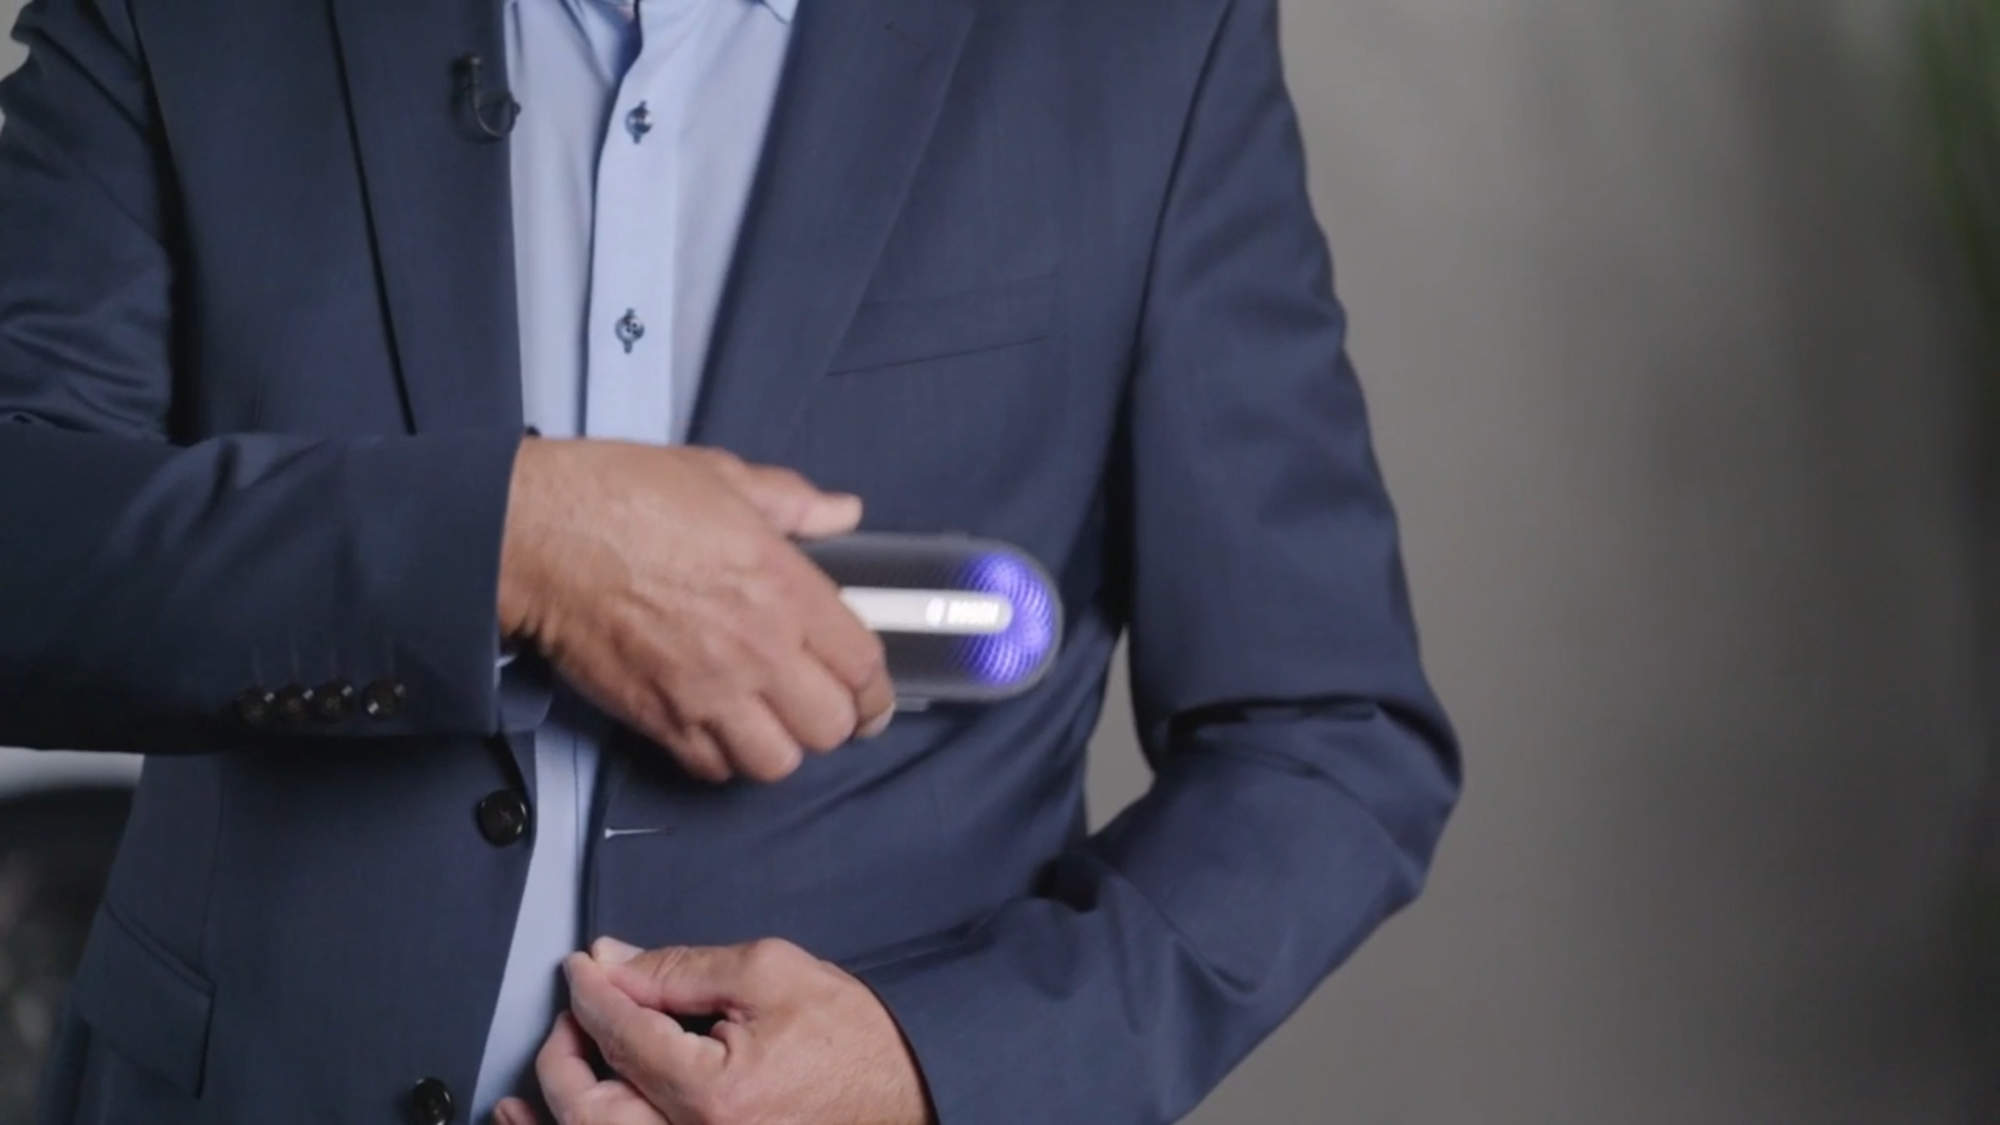 Einer unser Neuheiten-Favoriten der BSH: der FreshUp von Bosch frischt Kleidungsstücke auf.